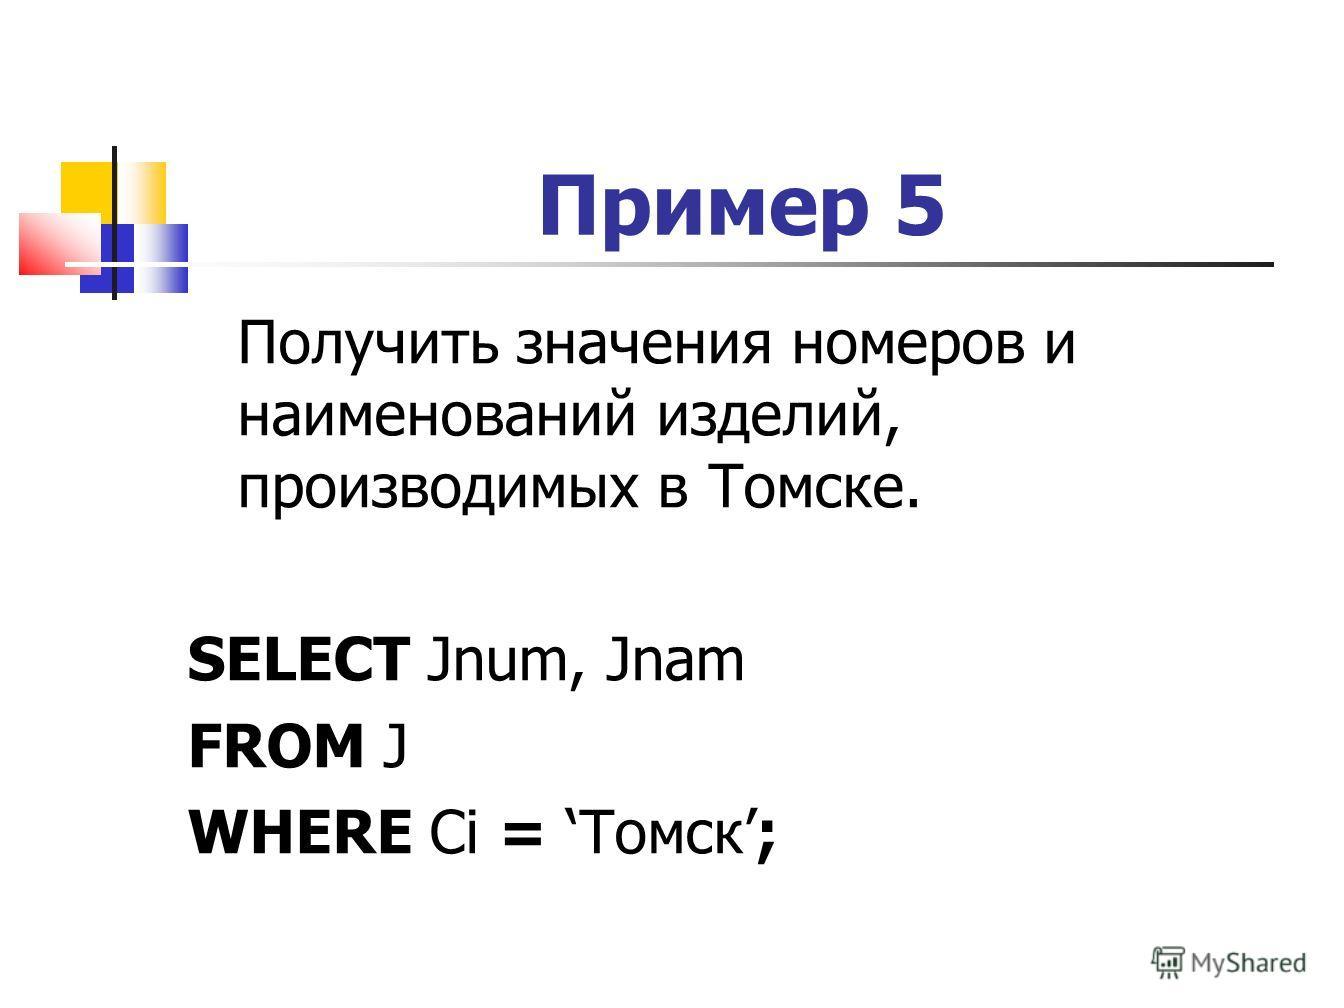 Пример 5 Получить значения номеров и наименований изделий, производимых в Томске. SELECT Jnum, Jnam FROM J WHERE Ci = Томск;